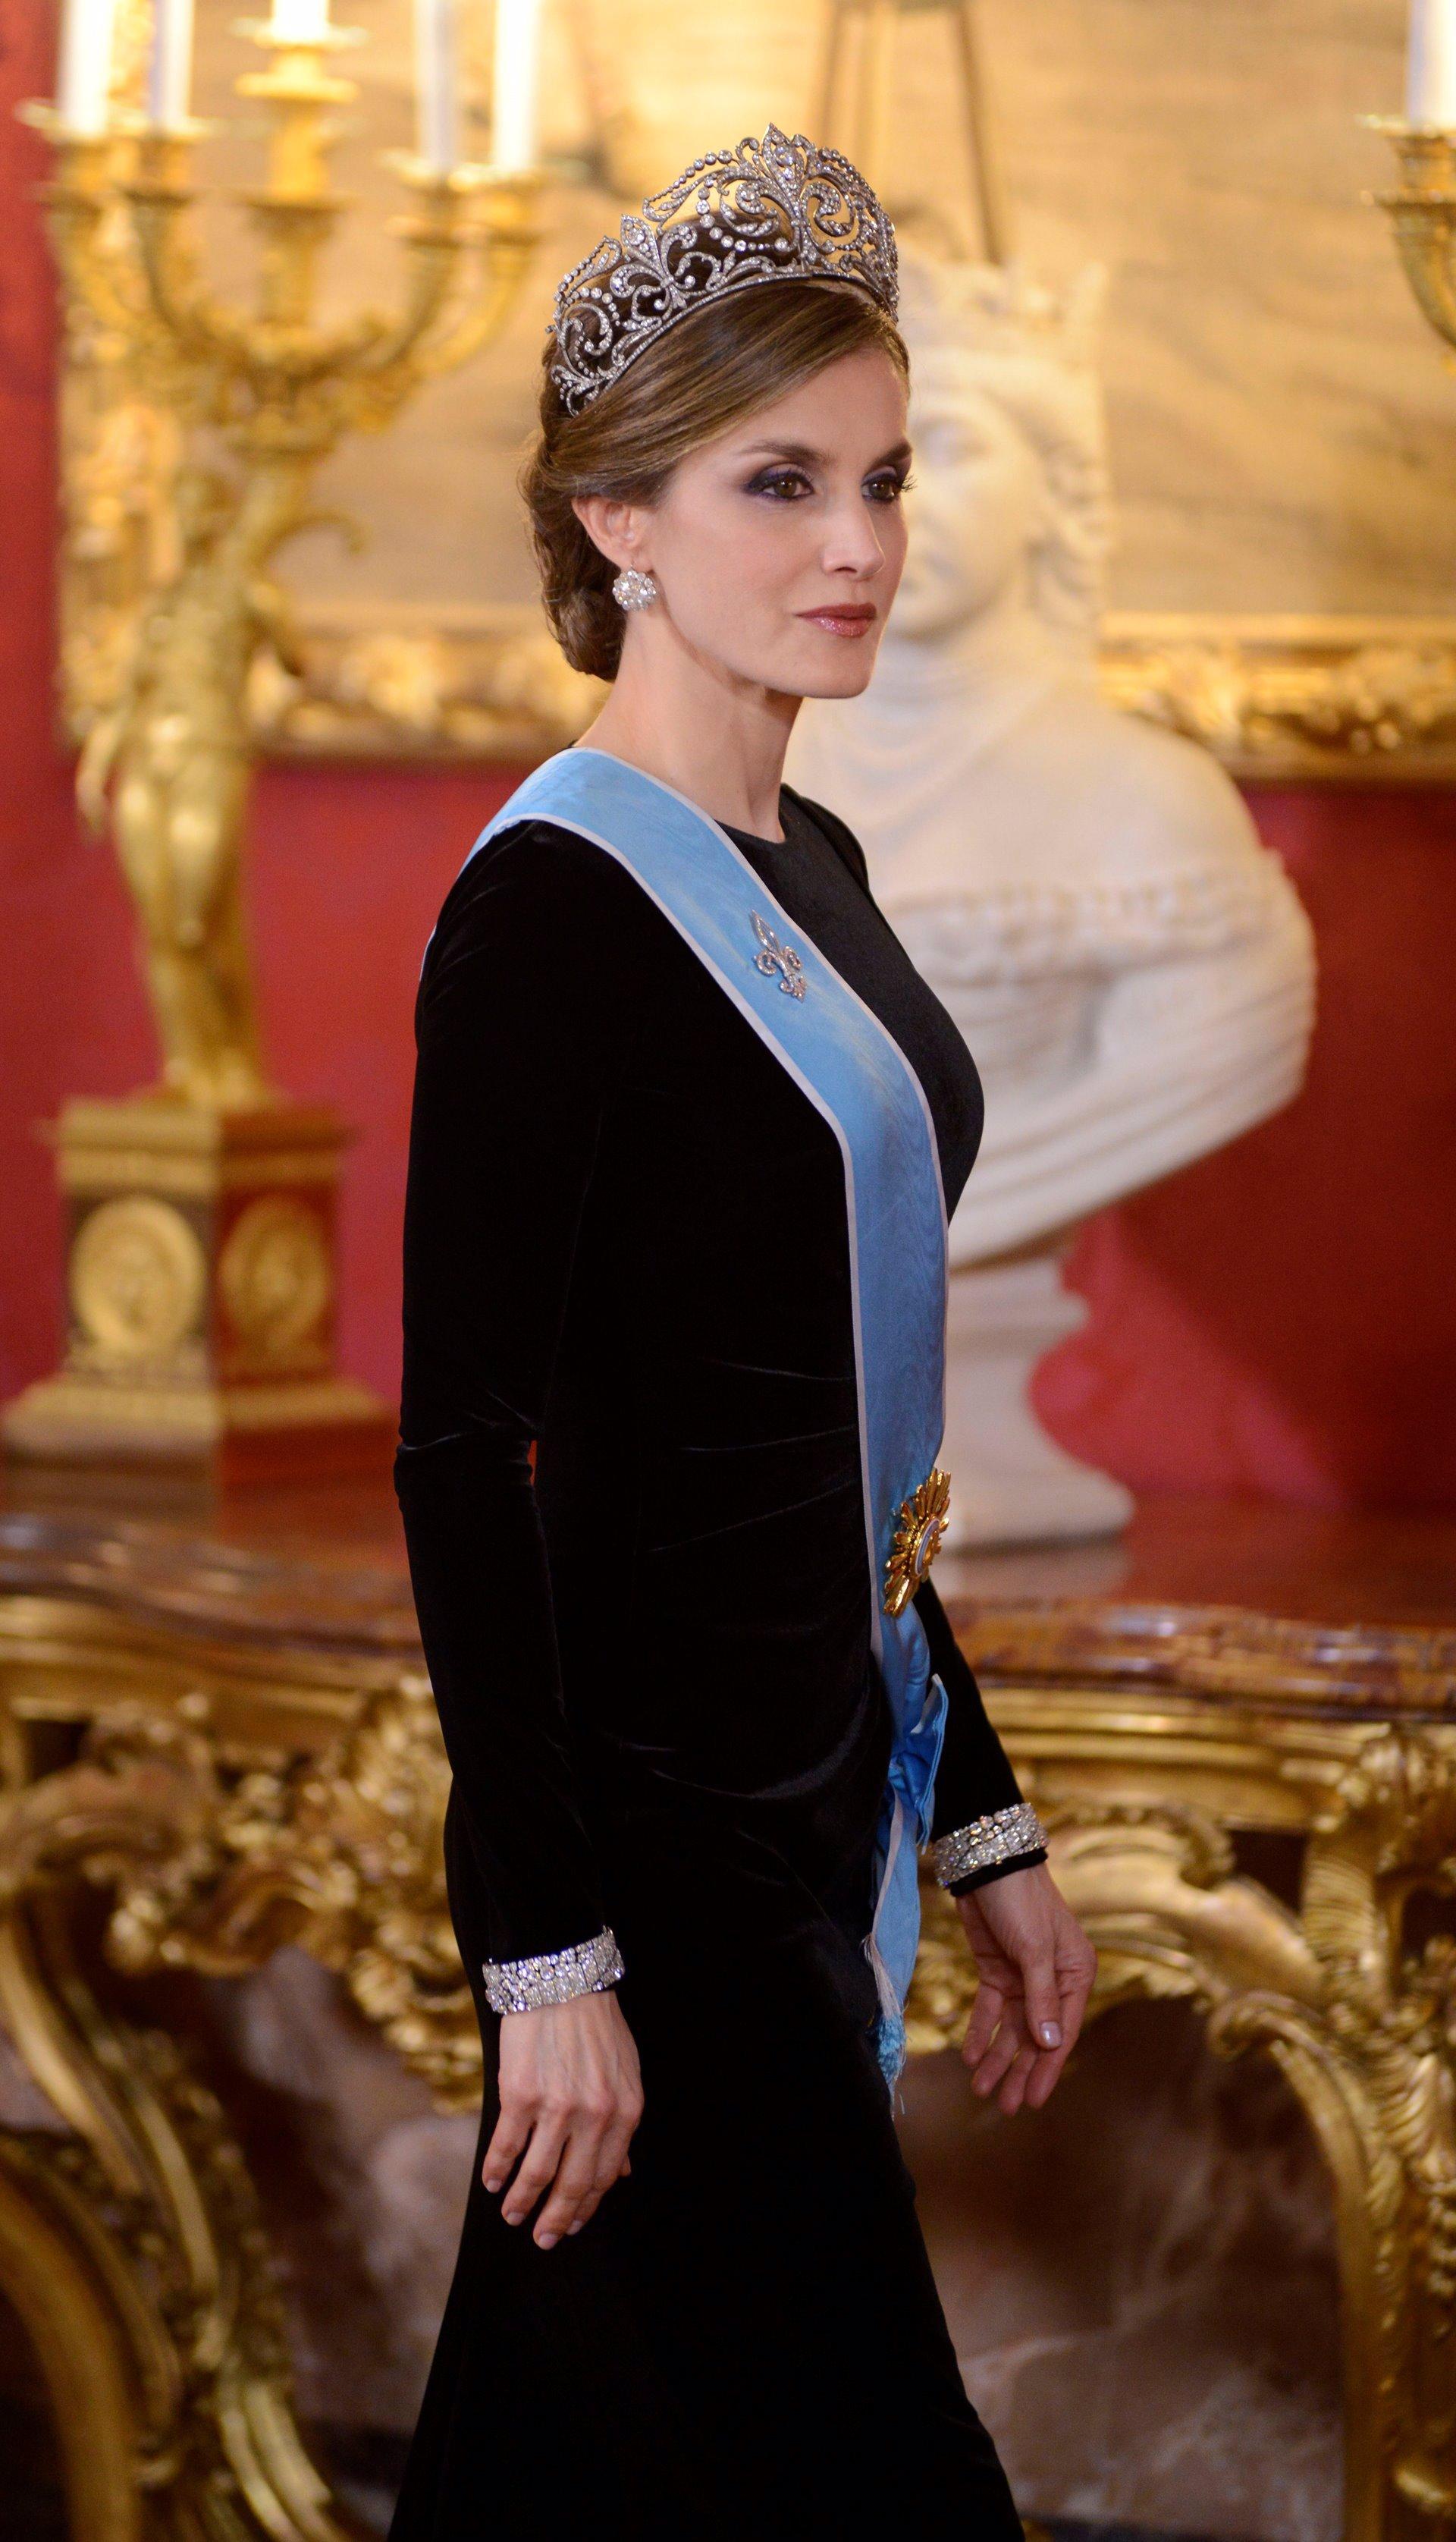 La Reina Letizia con Varela negro terciopelo y pulseras gemelas de Cartier para recibir a Mauricio Macri y Juliana Awada en 2017. También lució la corona de Flor de Lis